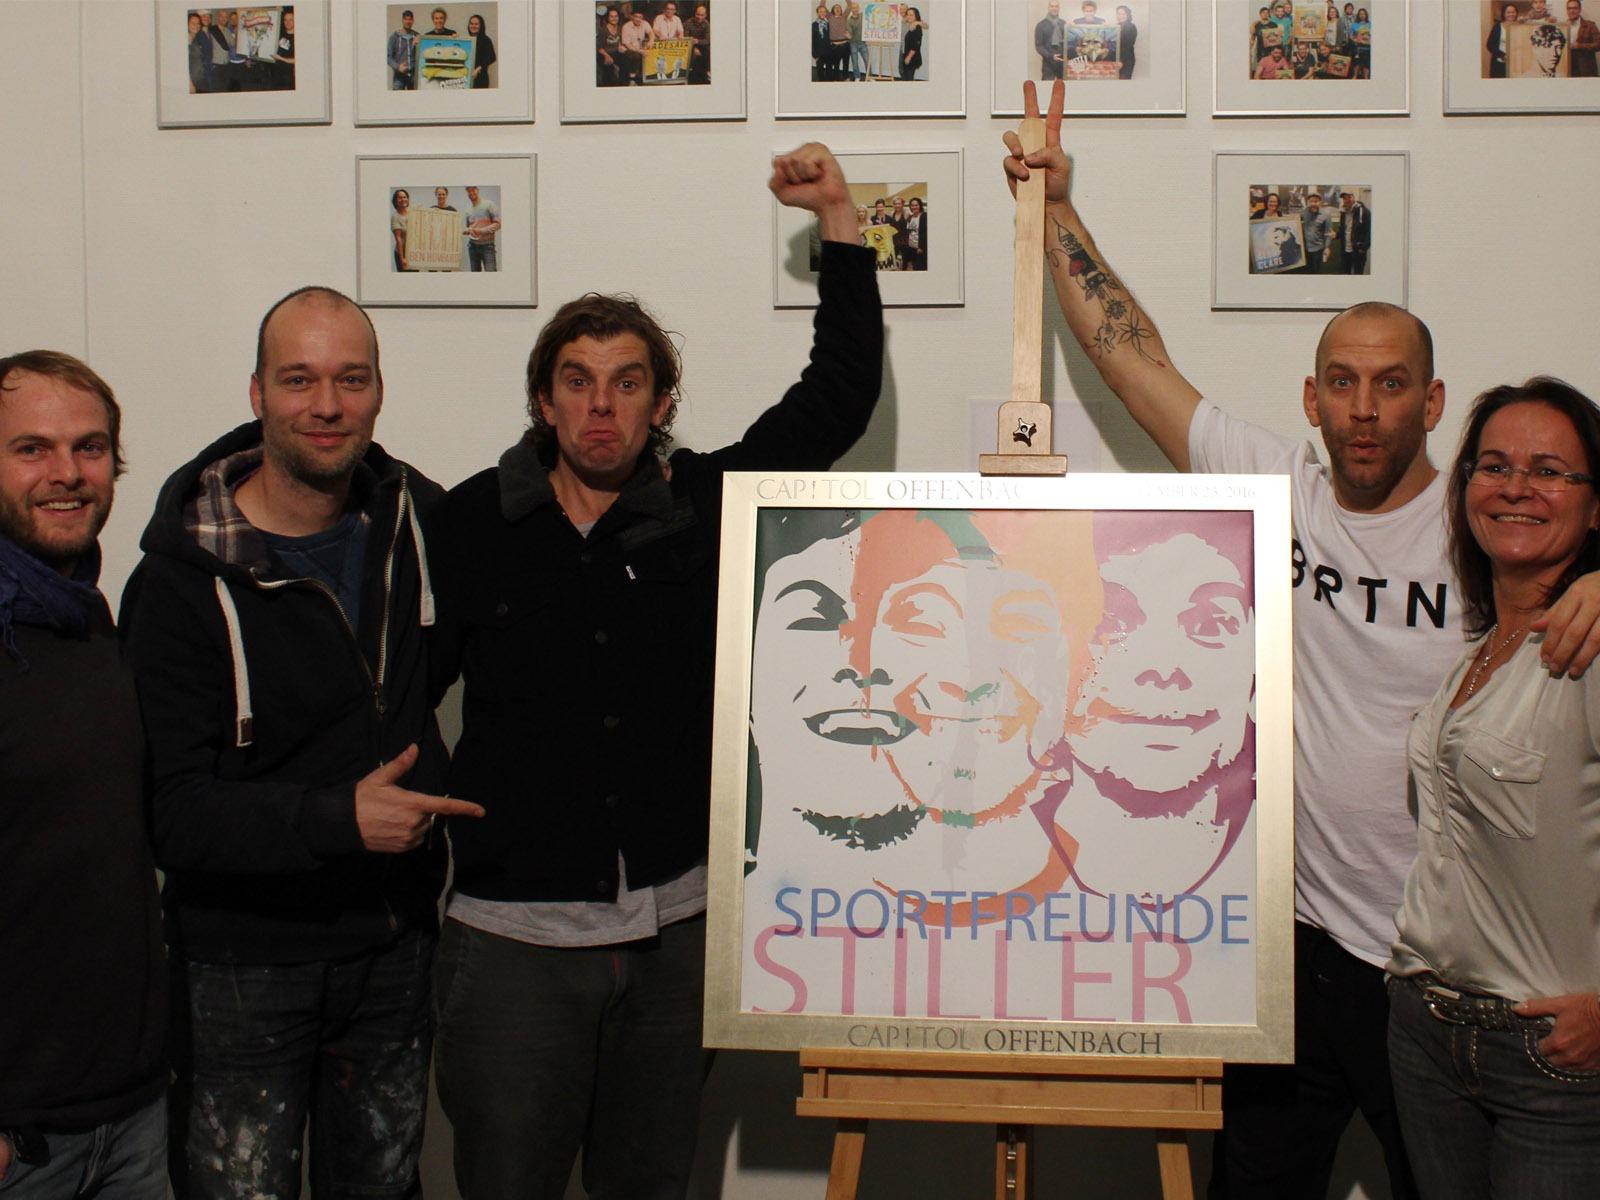 graffitiauftrag-graffitikuenstler-artmos4-sold-out-award-sportfreunde-stiller-stadthalle-offenbach-leinwand-graffiti